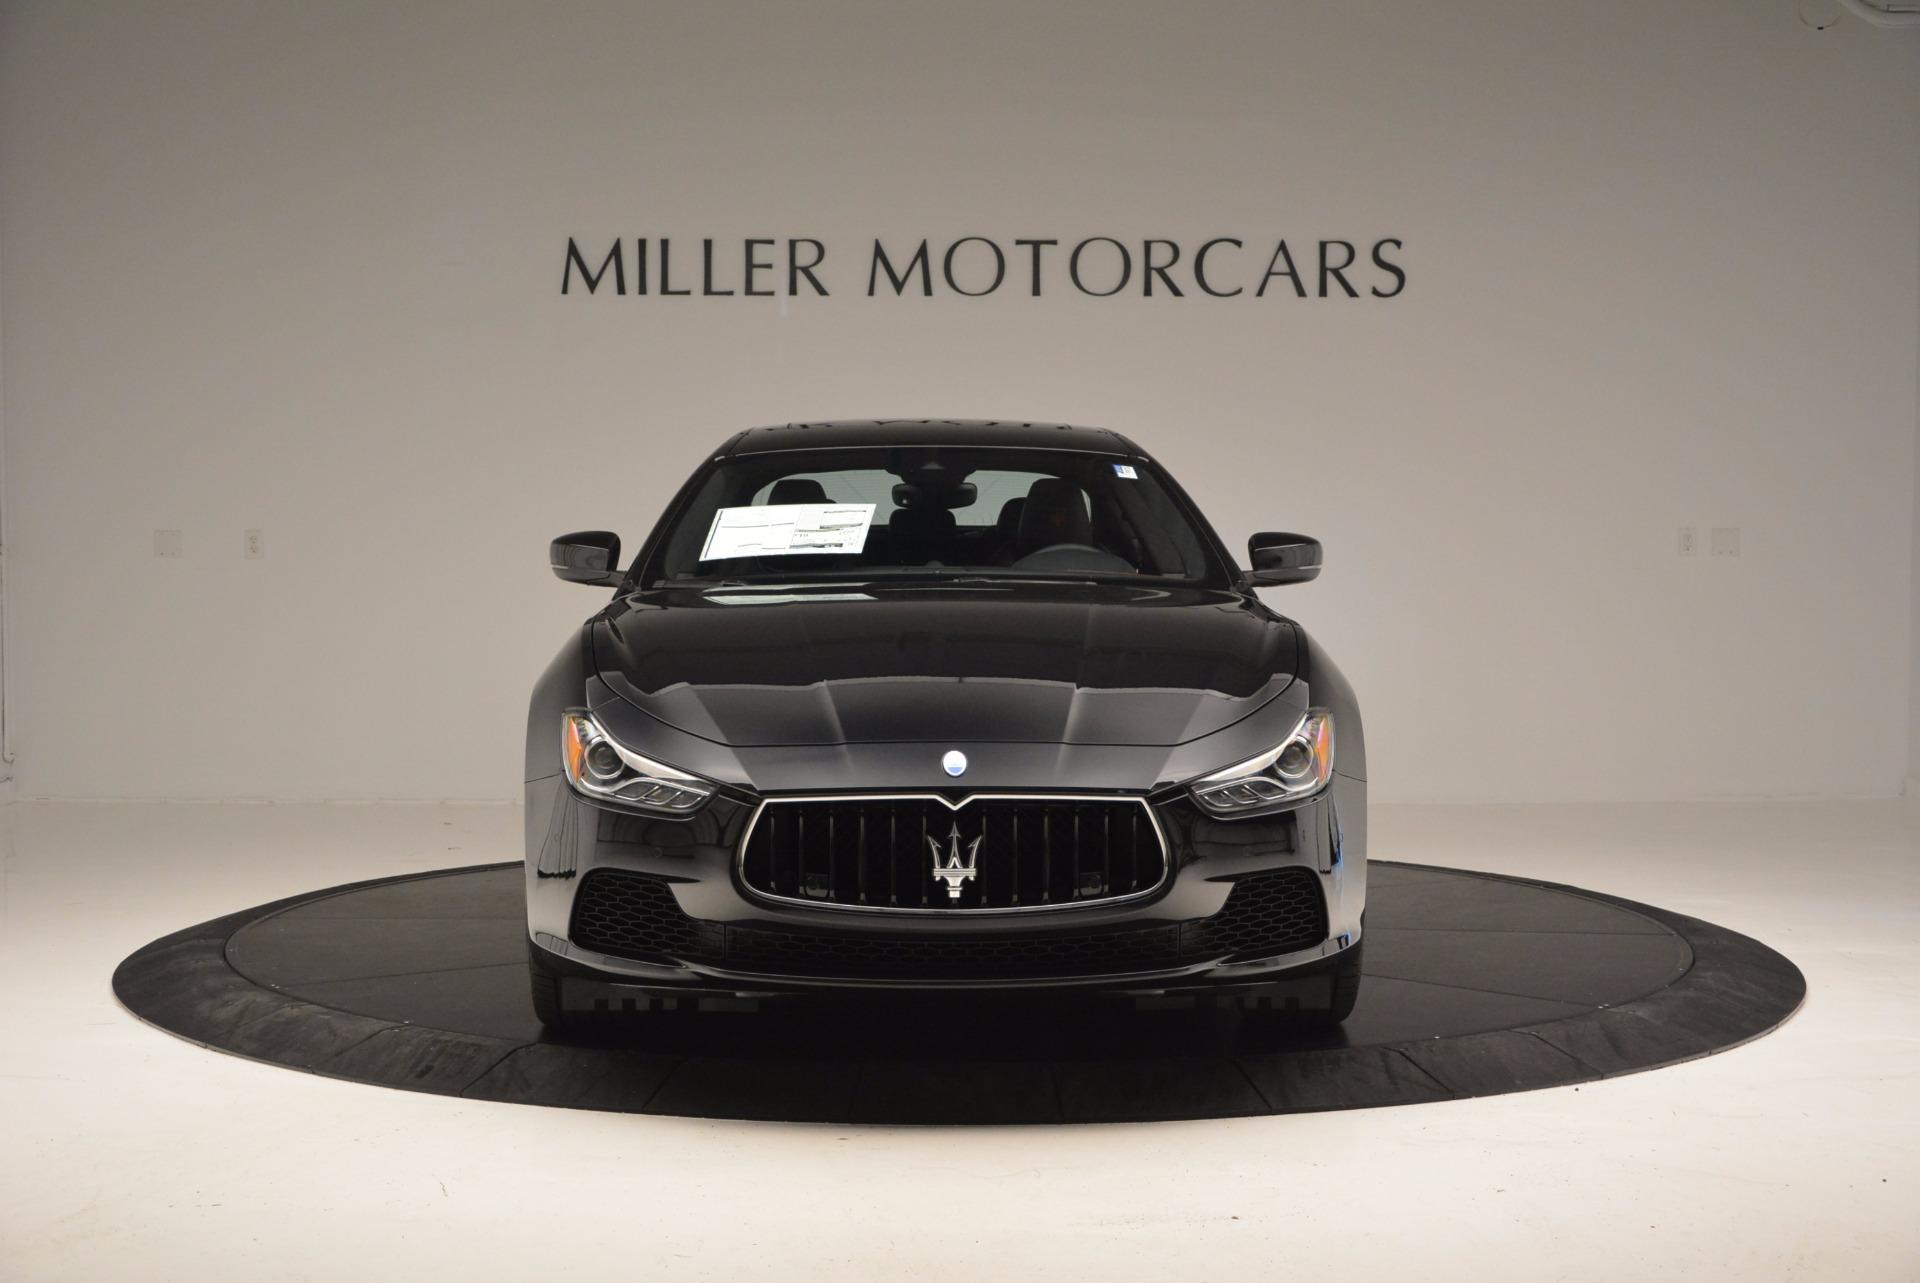 New 2017 Maserati Ghibli S Q4 For Sale In Greenwich, CT 1048_p11